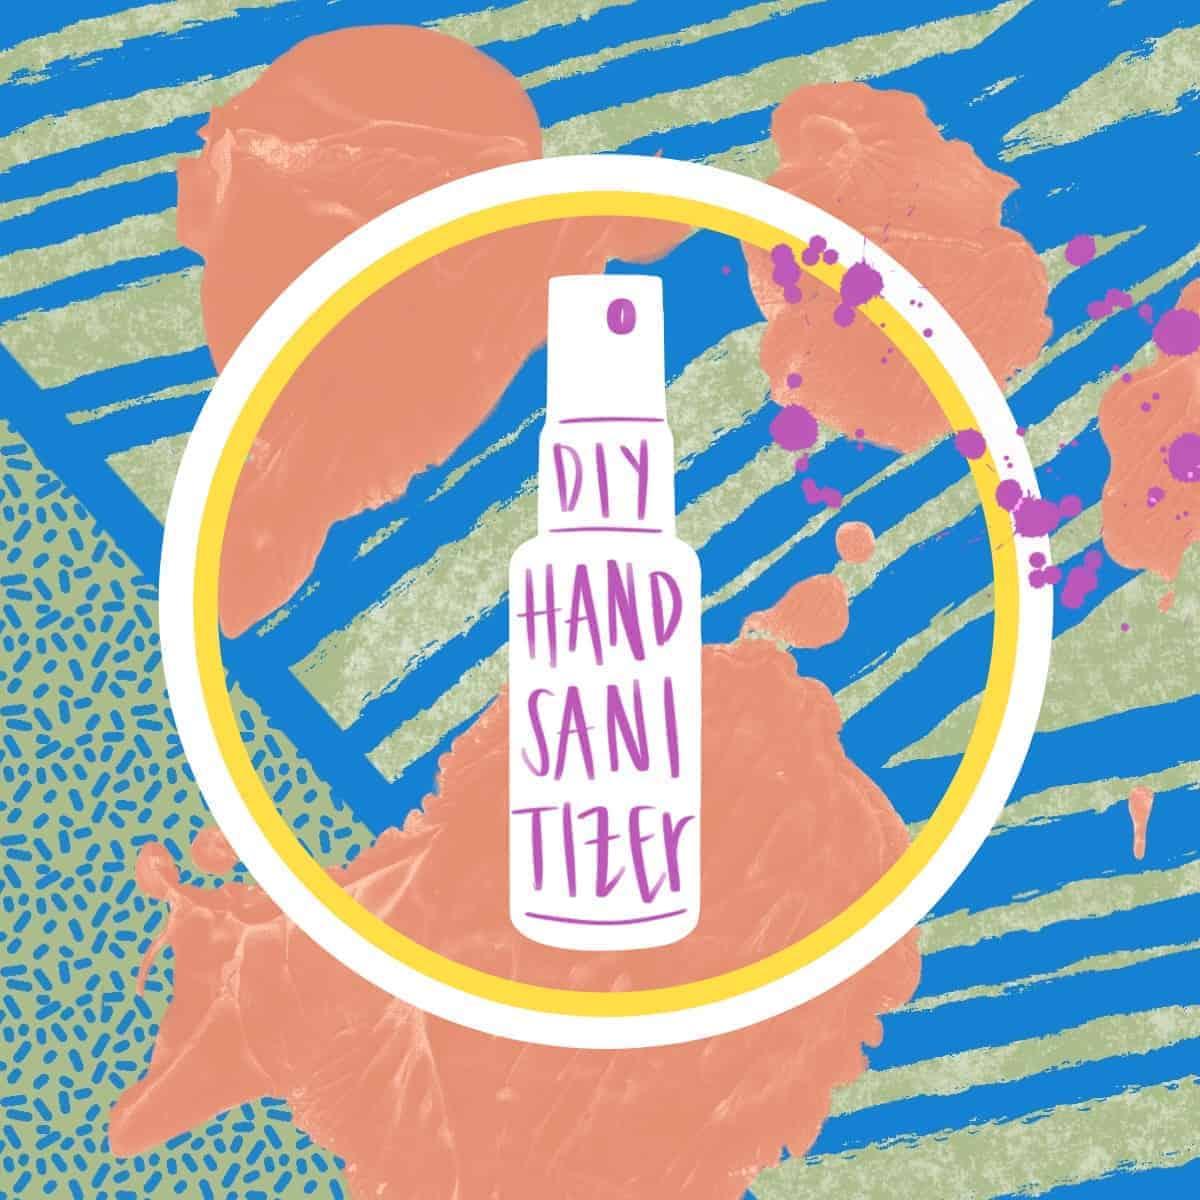 diy hand sanitizer recipe by foodology geek.